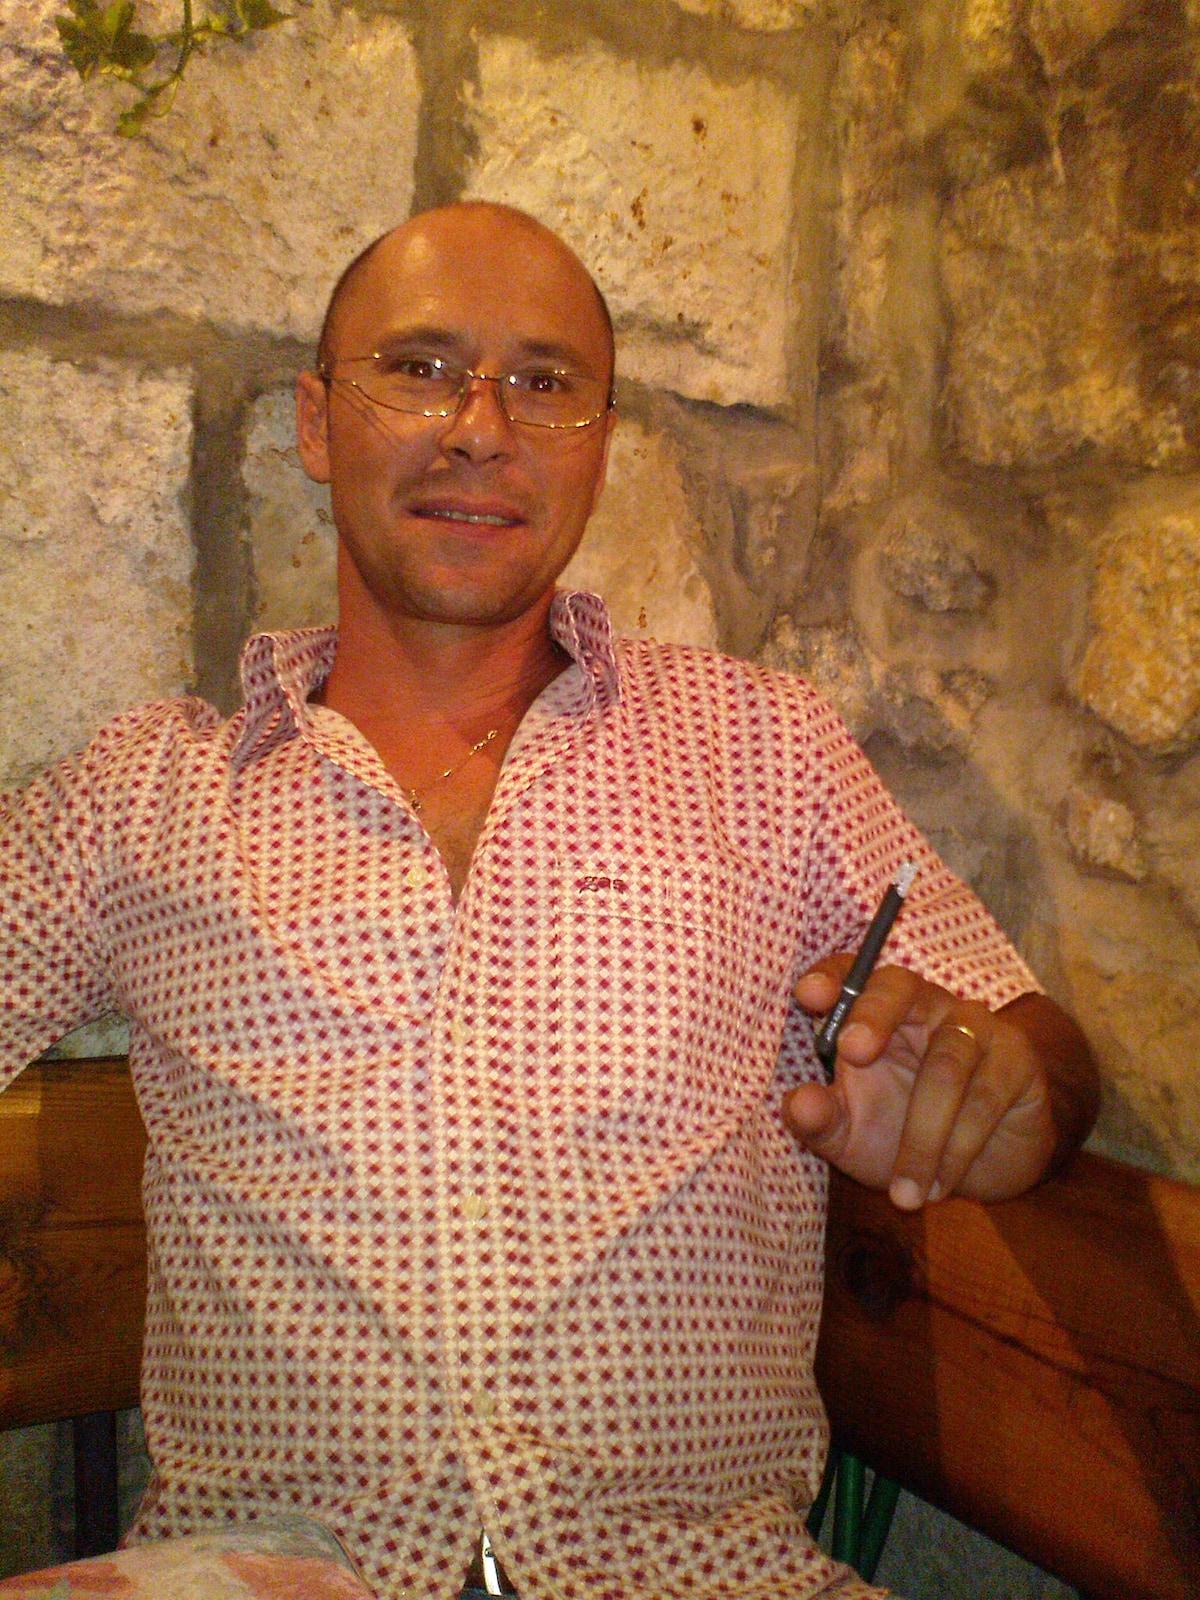 Francesco From Province of Latina, Italy